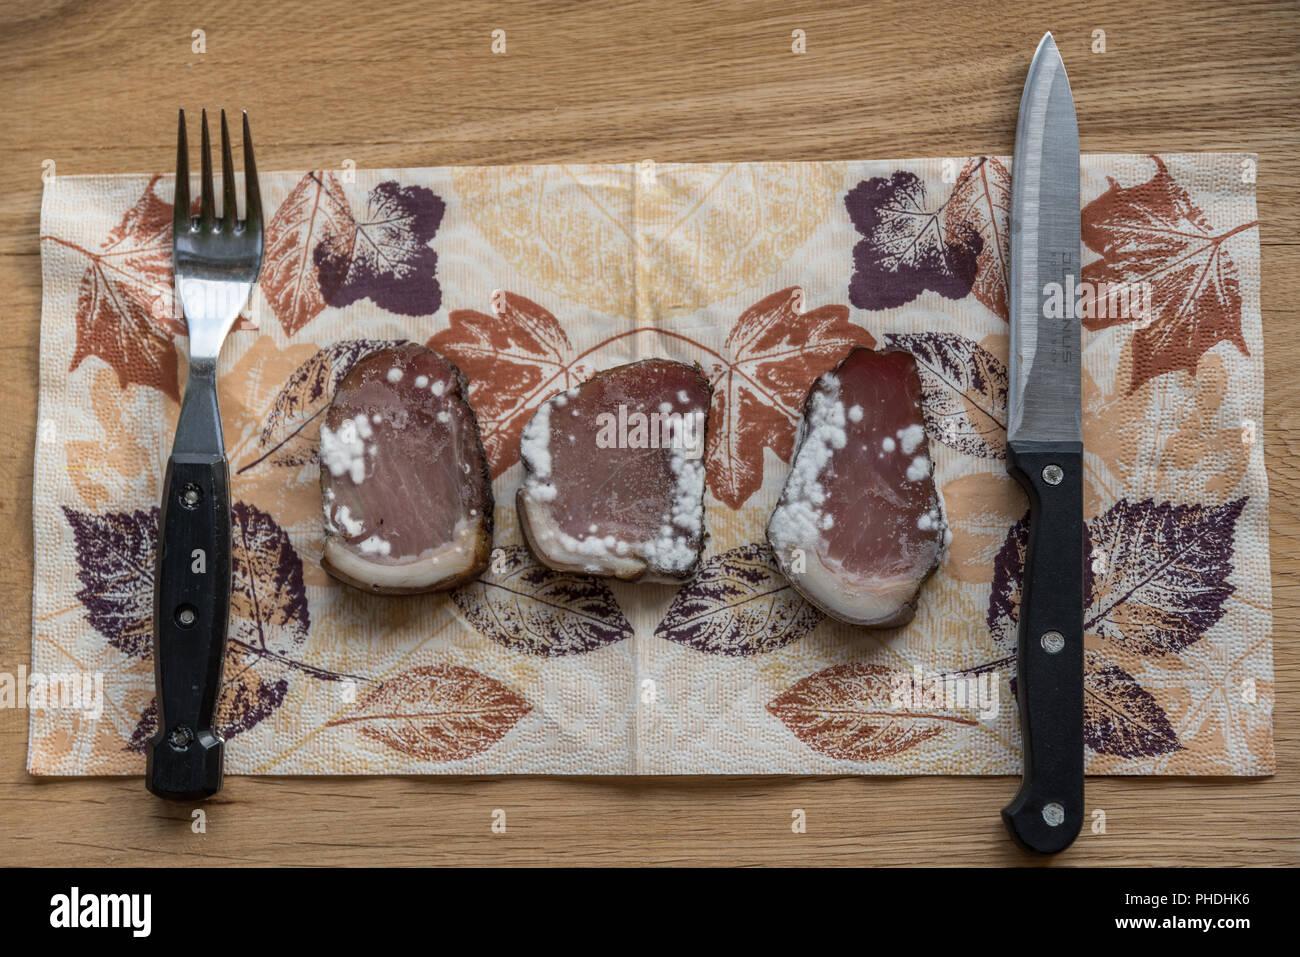 rotten bacon shows mold spores - Stock Image